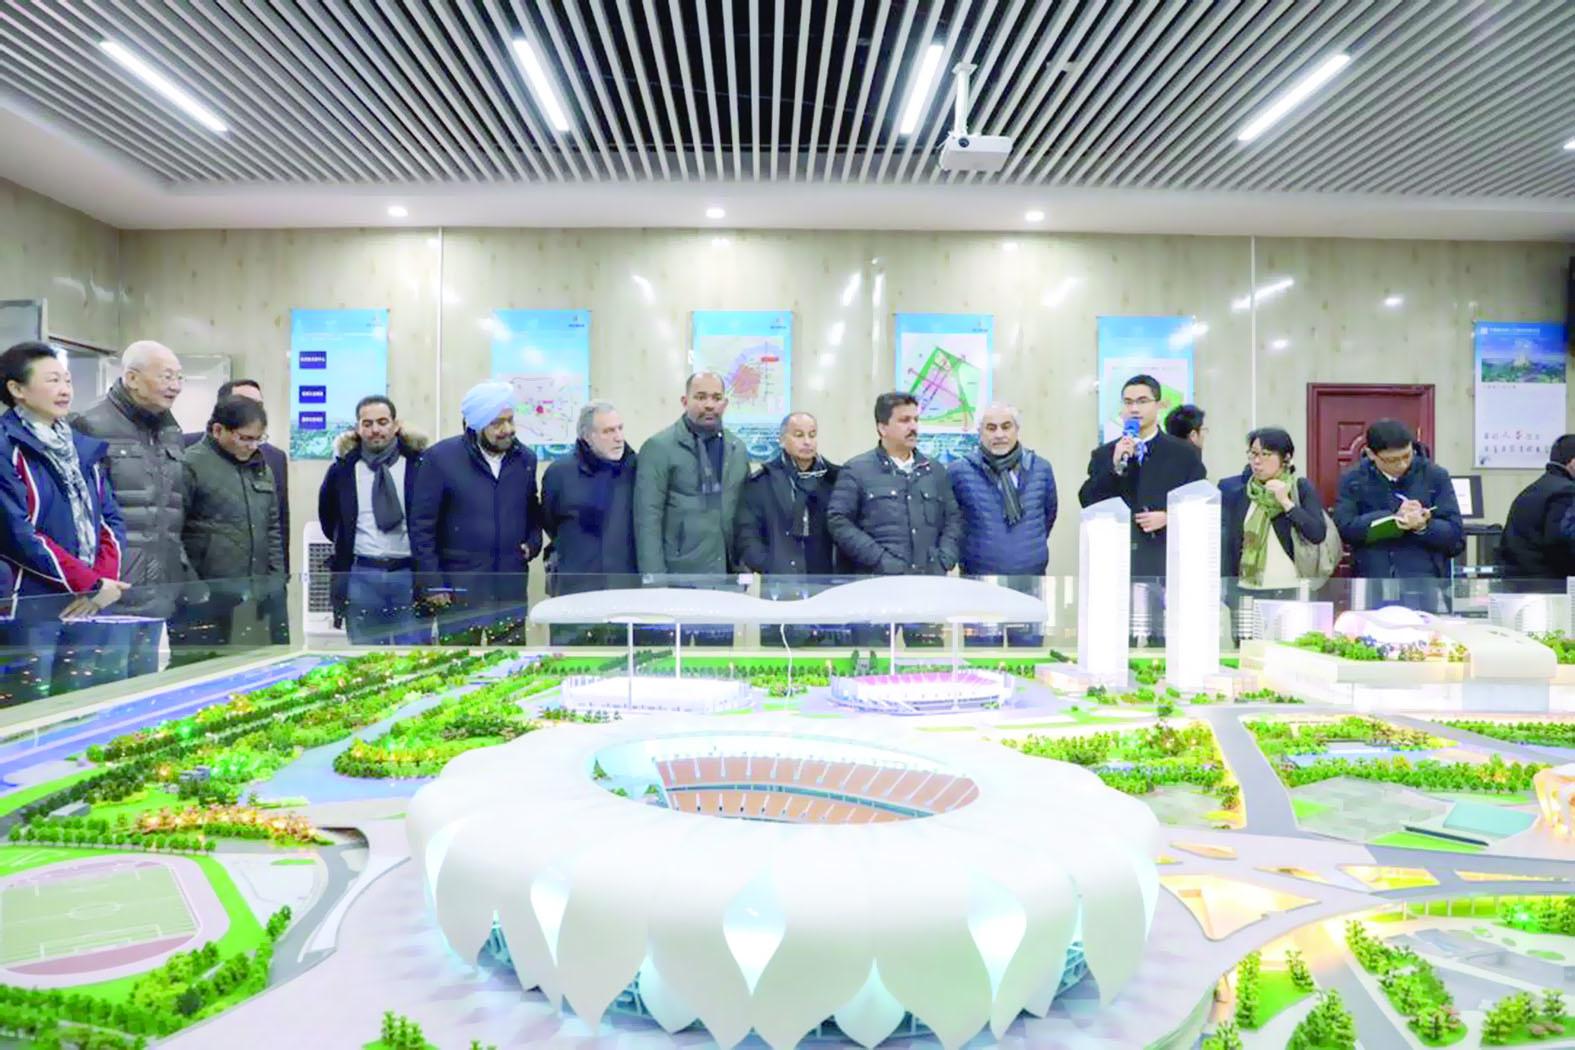 الكشري يشارك بالاجتماع الأول للجنة التنسيق والمتابعة لدورة الألعاب الآسيوية التاسعة عشرة (هانجو 2022) بالصين